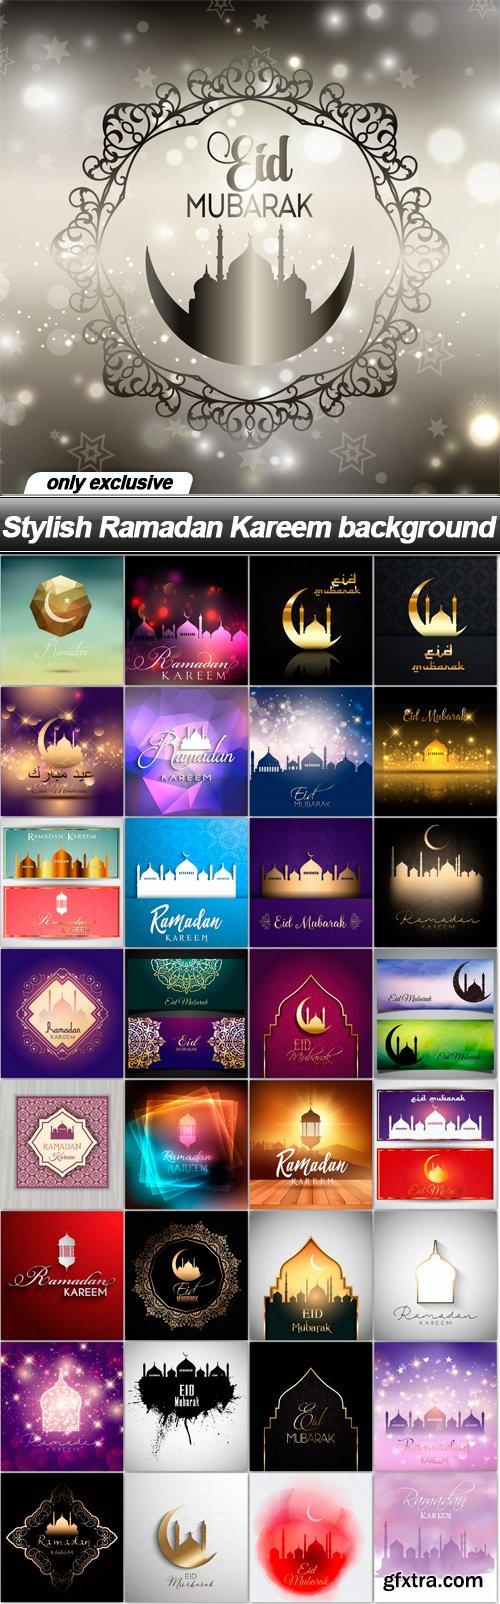 Stylish Ramadan Kareem background - 33 EPS